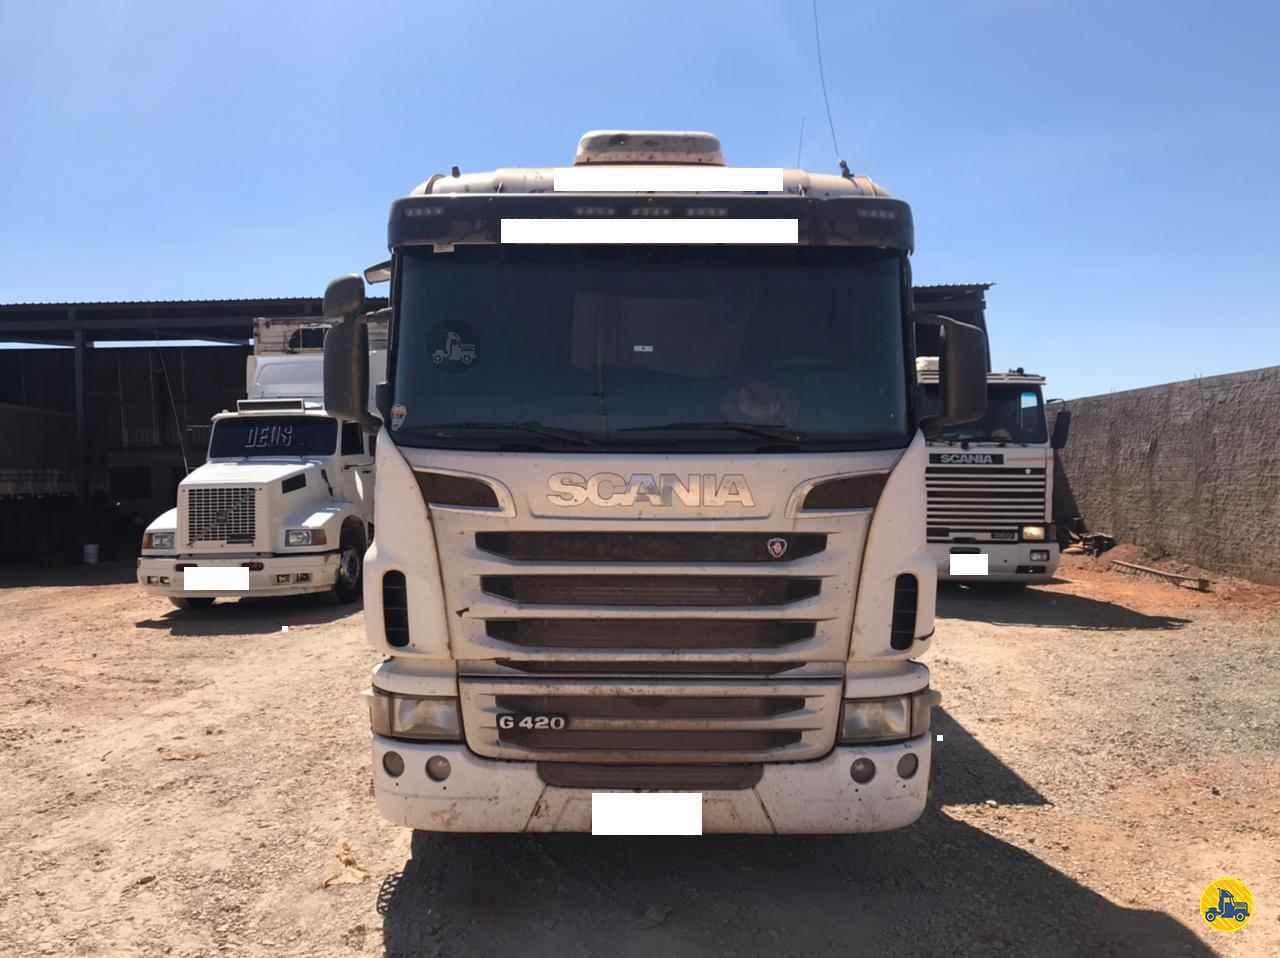 SCANIA 420 de RB Caminhões & Financiamentos - ARAGUARI/MG